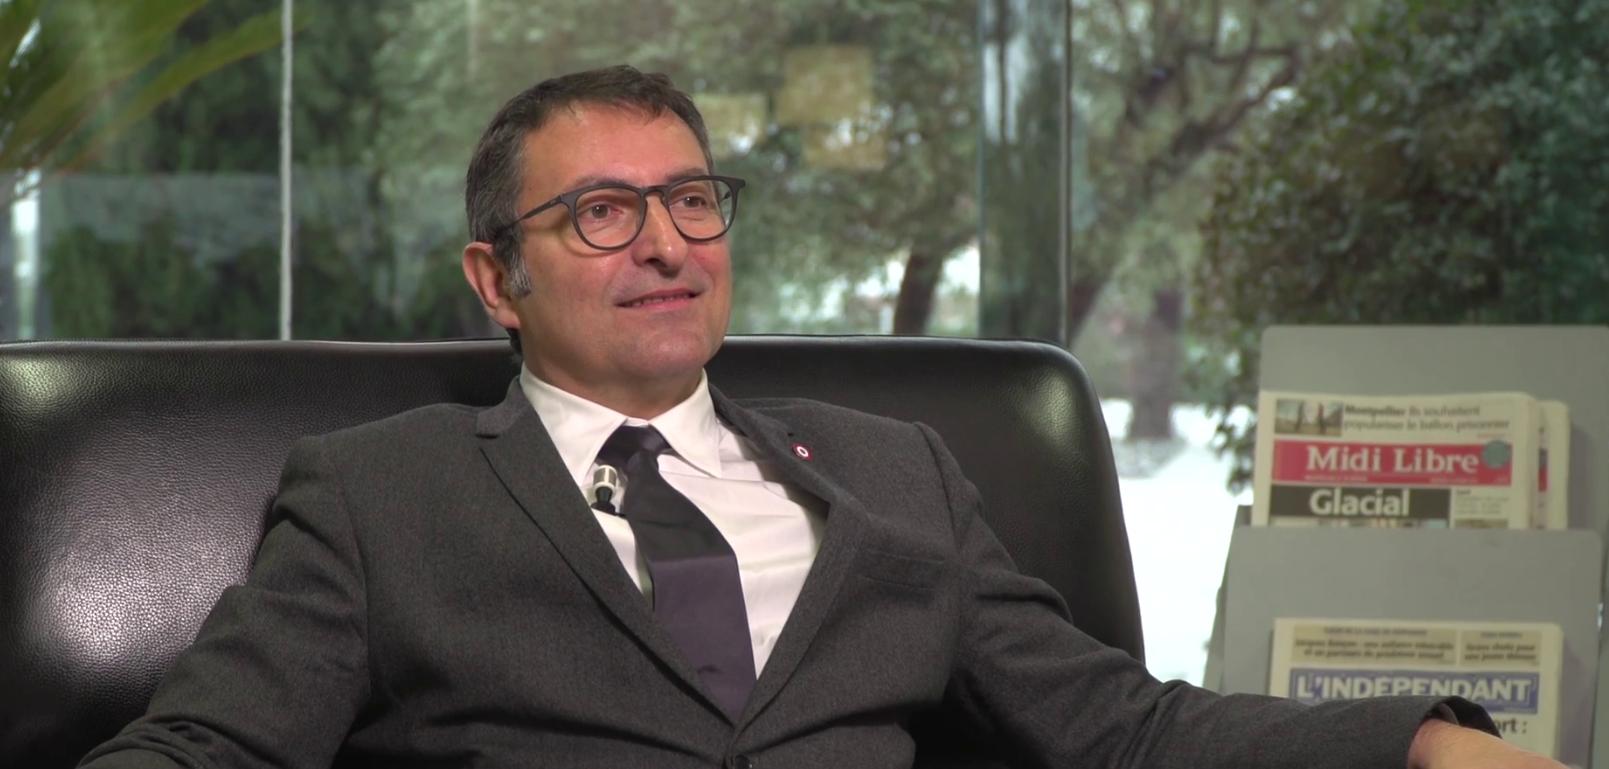 LRO Vidéo interview Midi Libre Jean-François PORTARRIEU - Les Rencontres d'Occitanie - 1 mars 2018